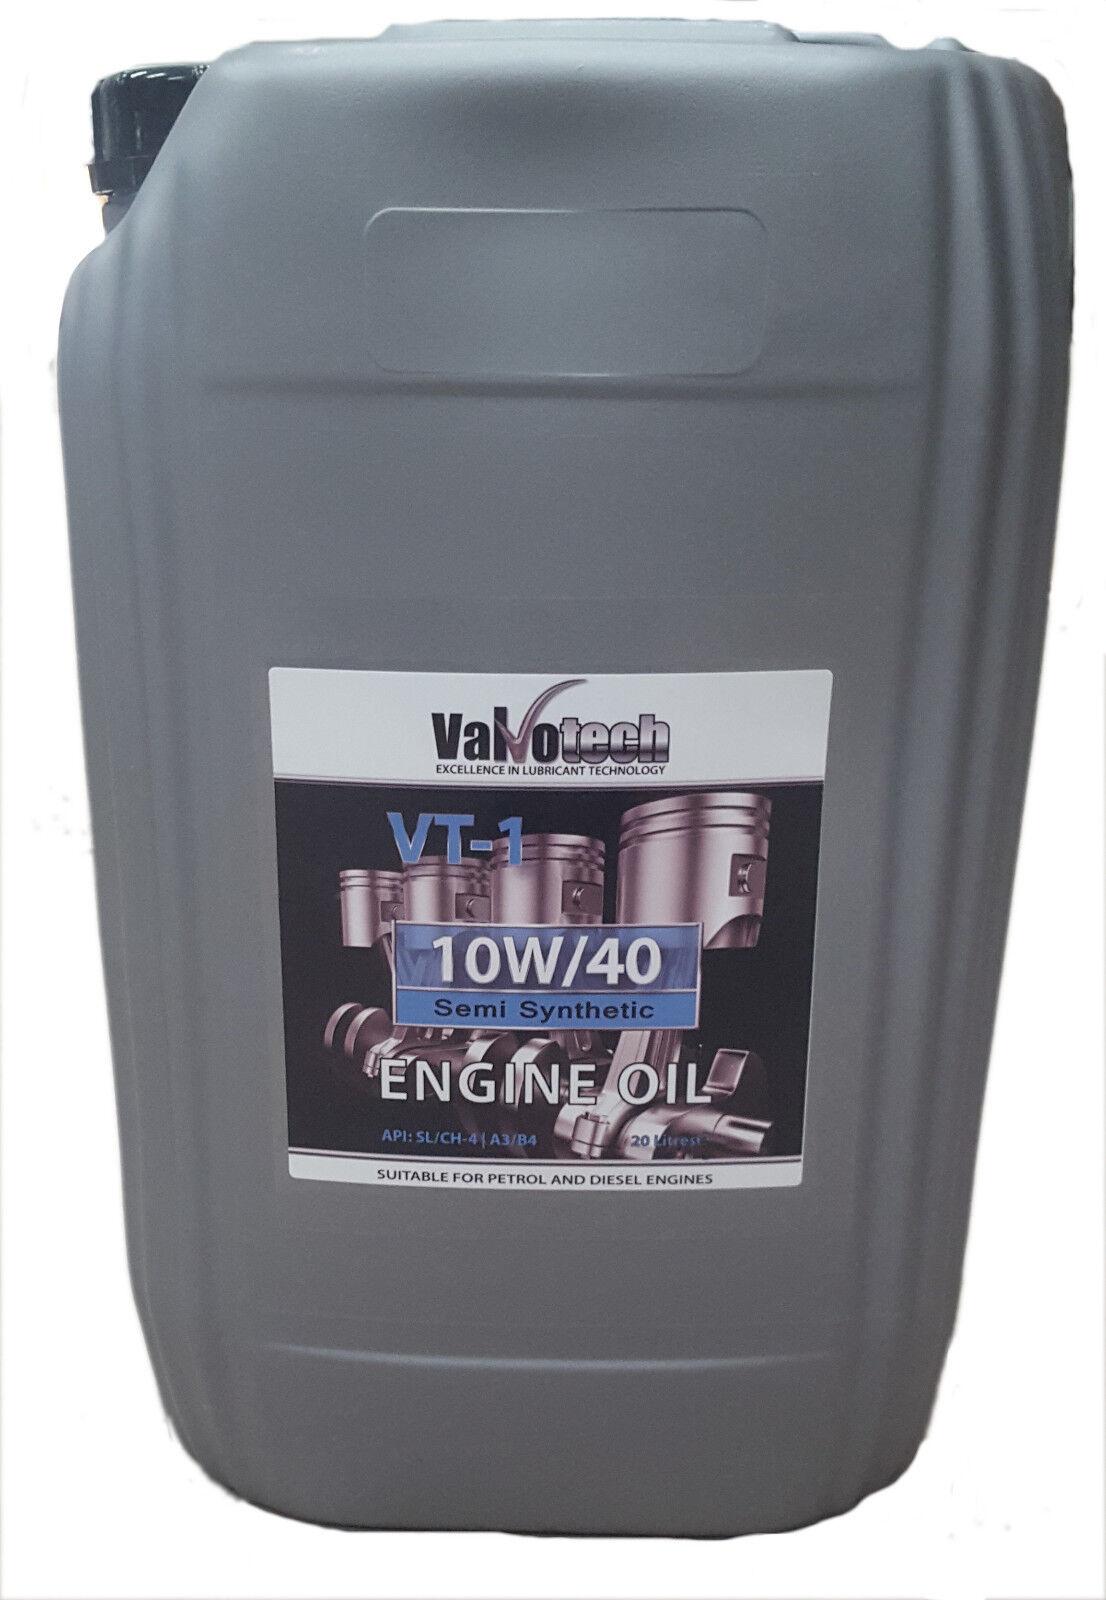 10W40 SEMI SYNTHETIC CAR VAN ENGINE OIL 20 LITRE 20L 10W 40 DRUM VALVOTECH